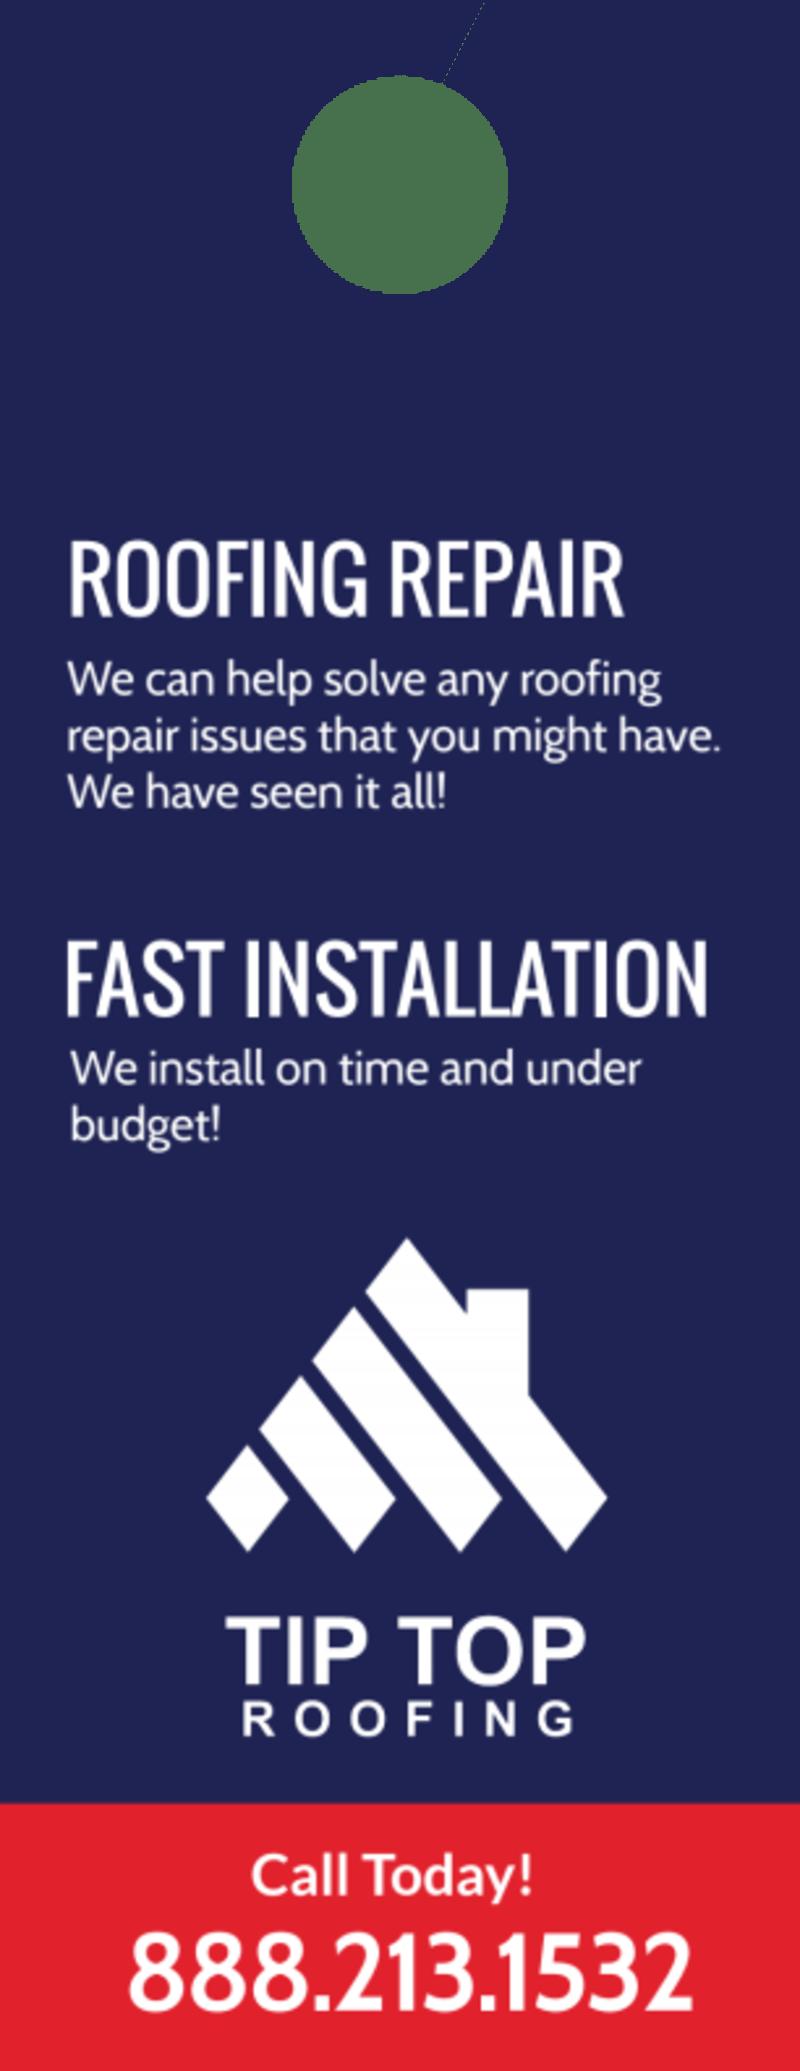 Professional Roofing Door Hanger Template Preview 3